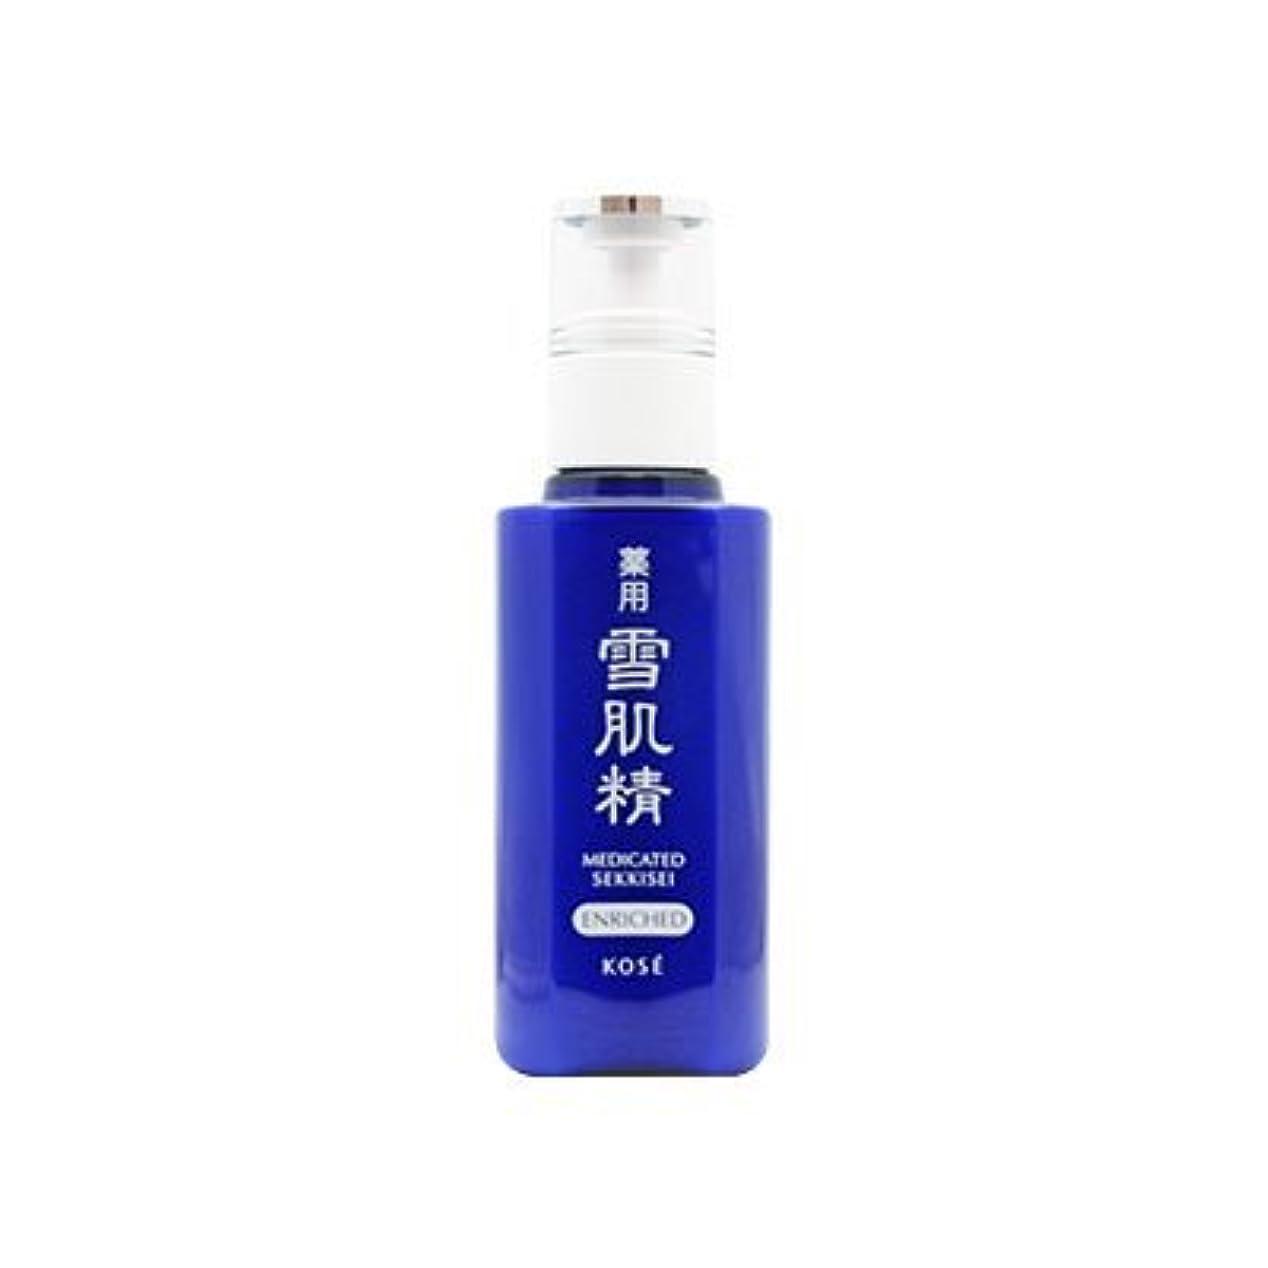 市民権クランプビートコーセー(KOSE) 薬用 雪肌精 乳液 140ml [並行輸入品]